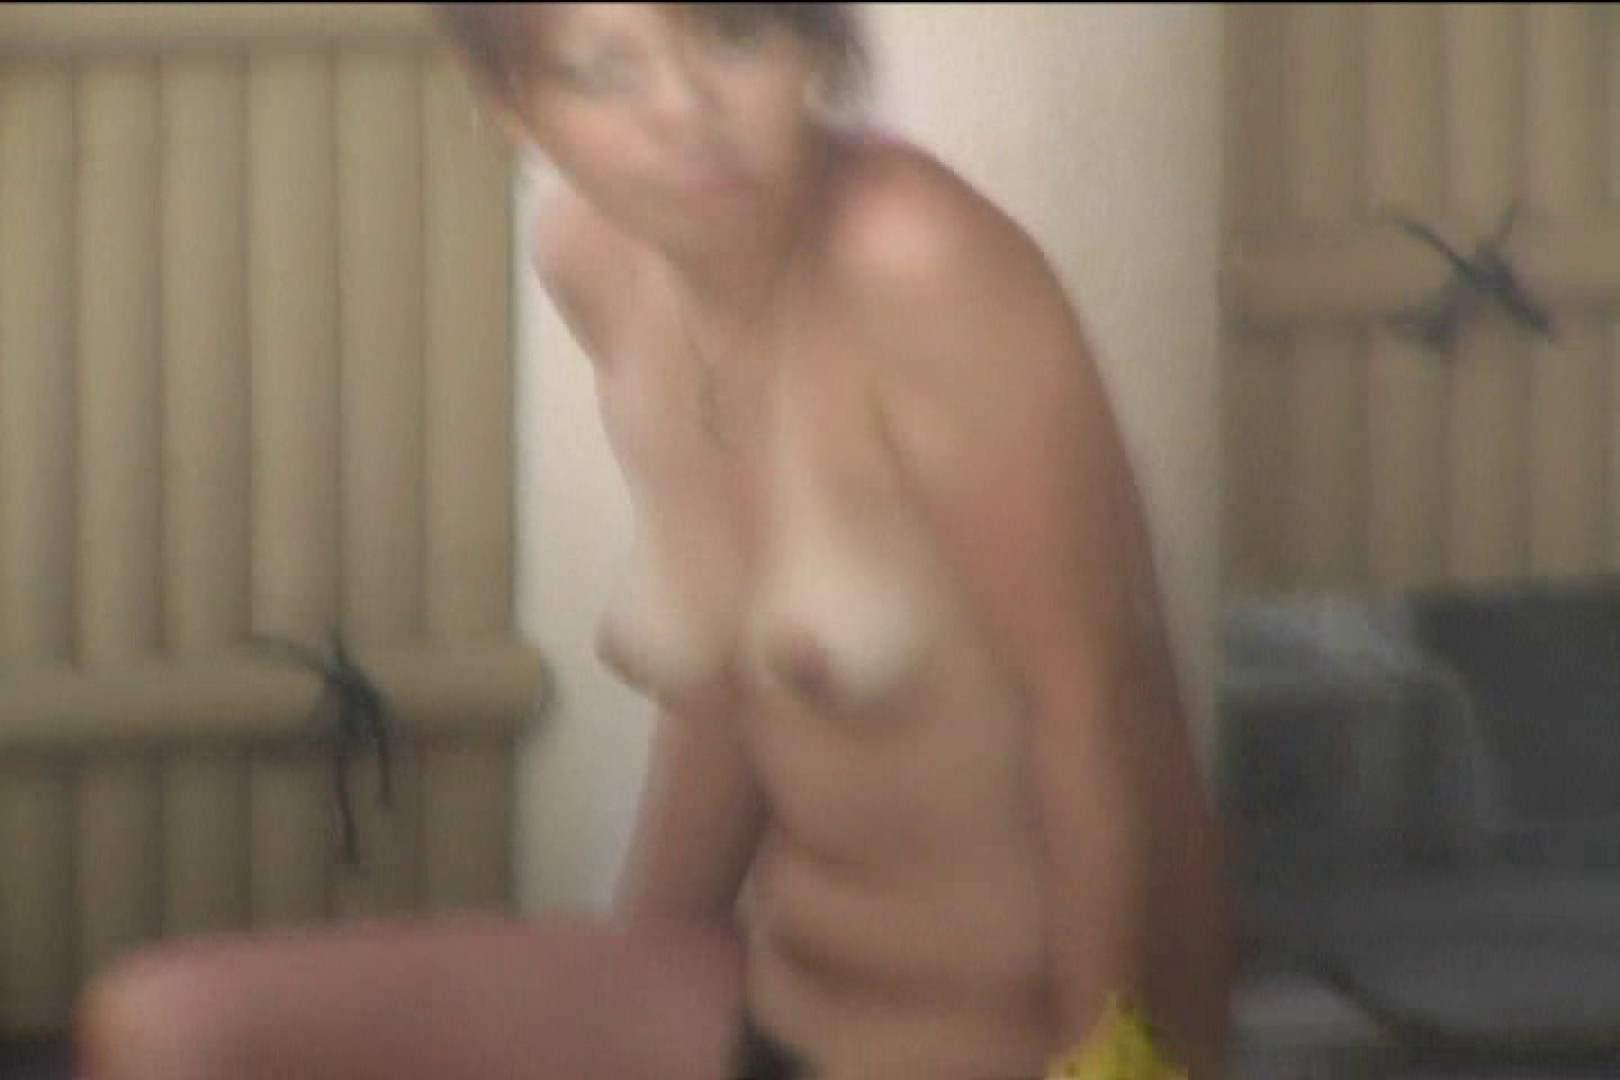 Aquaな露天風呂Vol.535 美しいOLの裸体   盗撮師作品  76pic 64